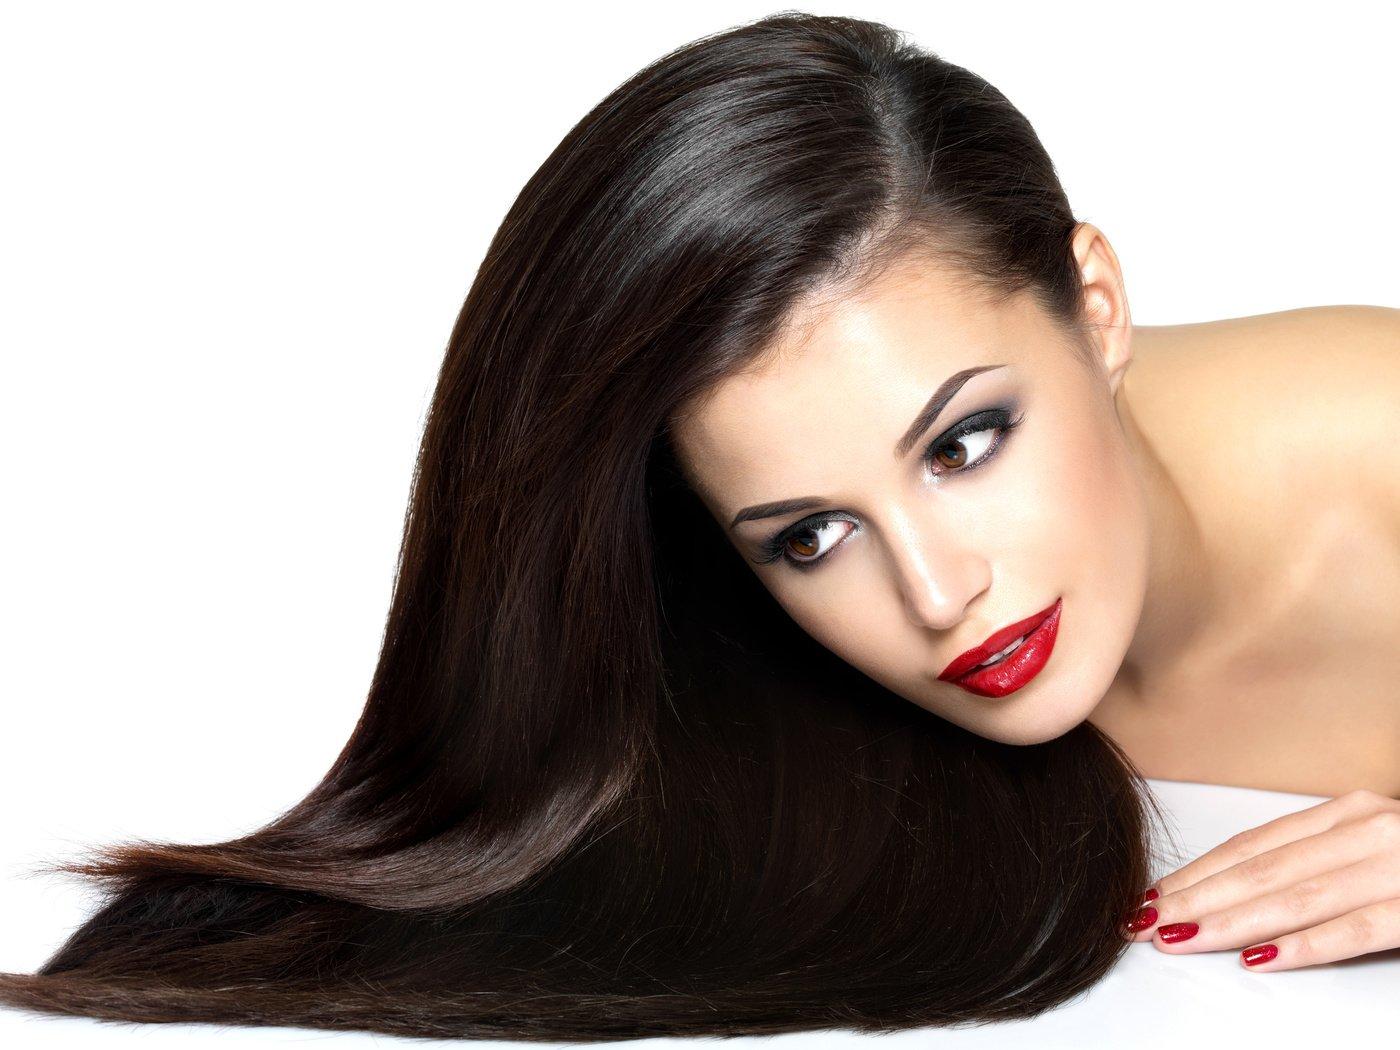 Стрижка короткие волосы с поднятым затылком фото молодой